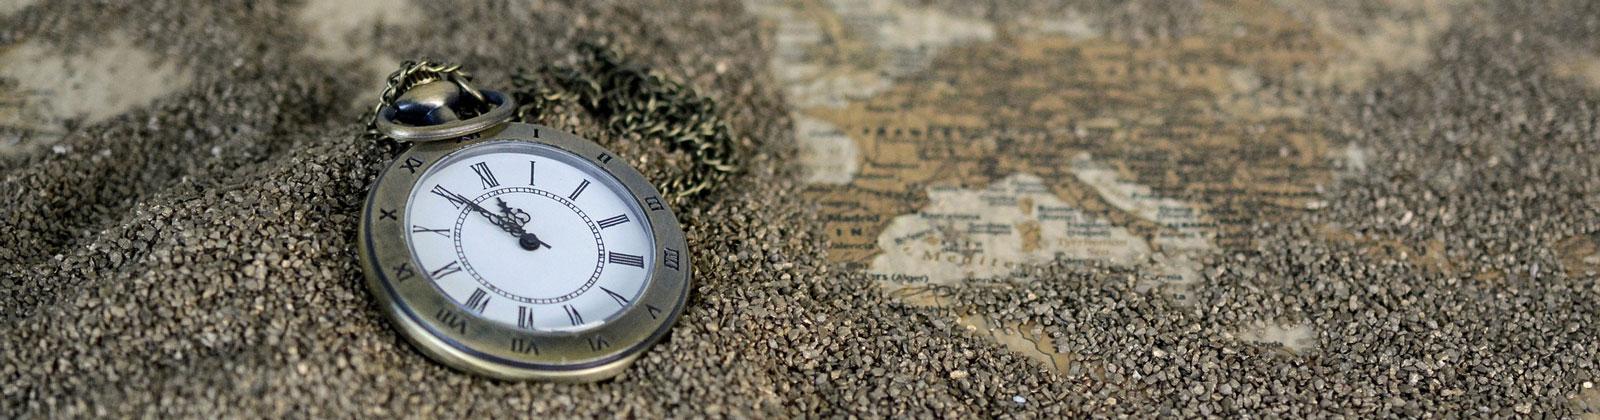 weltweiser · Handbuch Weltentdecker · Ratgeber für Auslandsaufenthalte · Gap Year